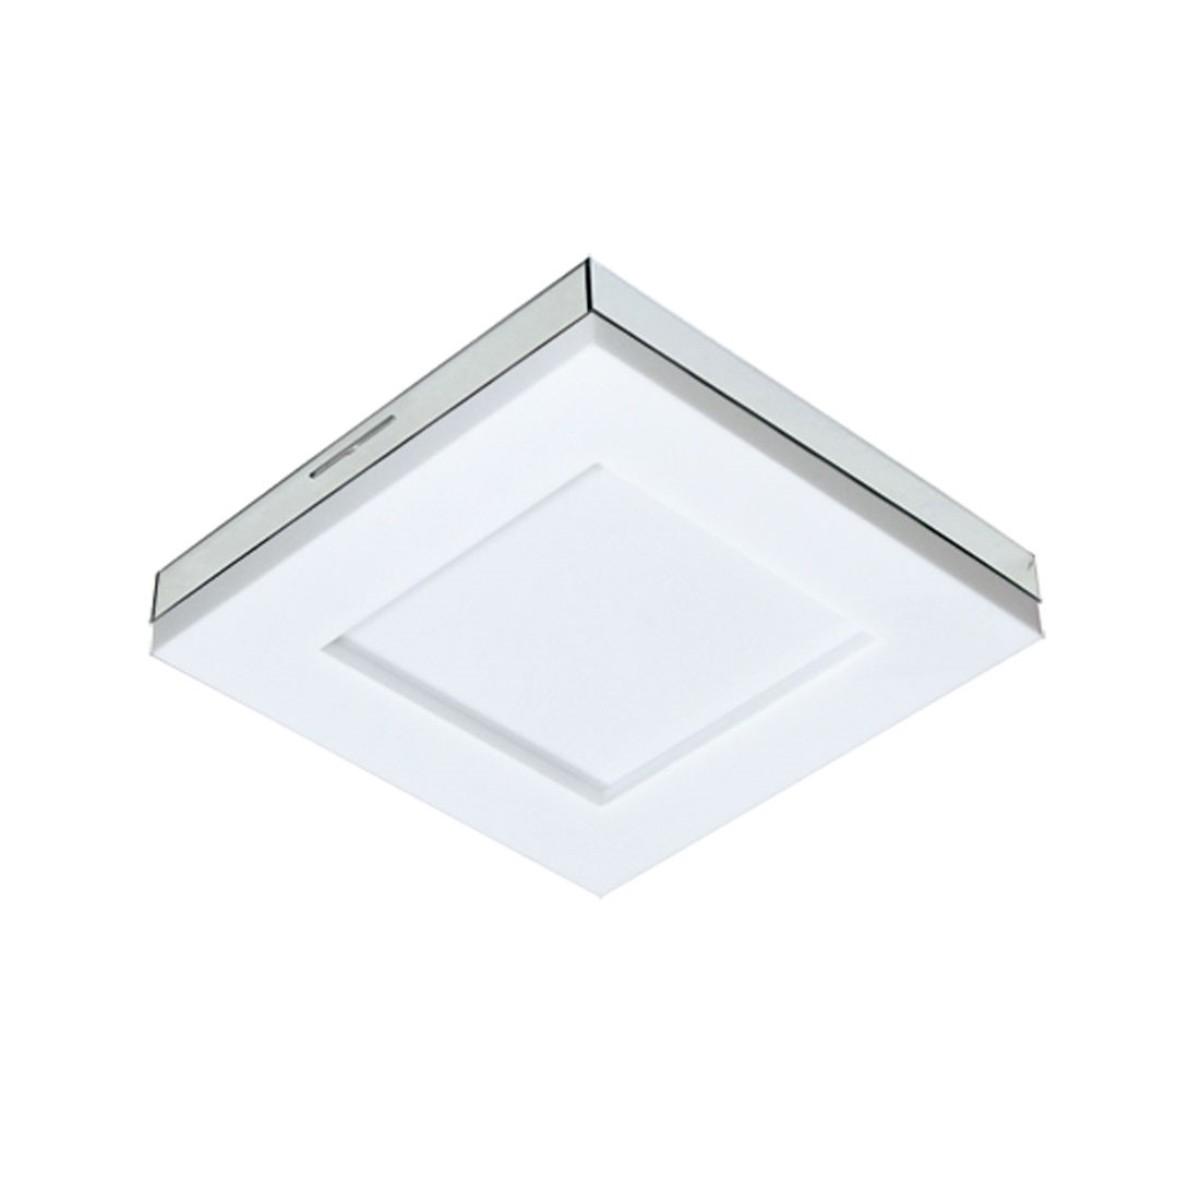 Luminária LED 25W sobrepor Branco Asturias 3000k Tualux